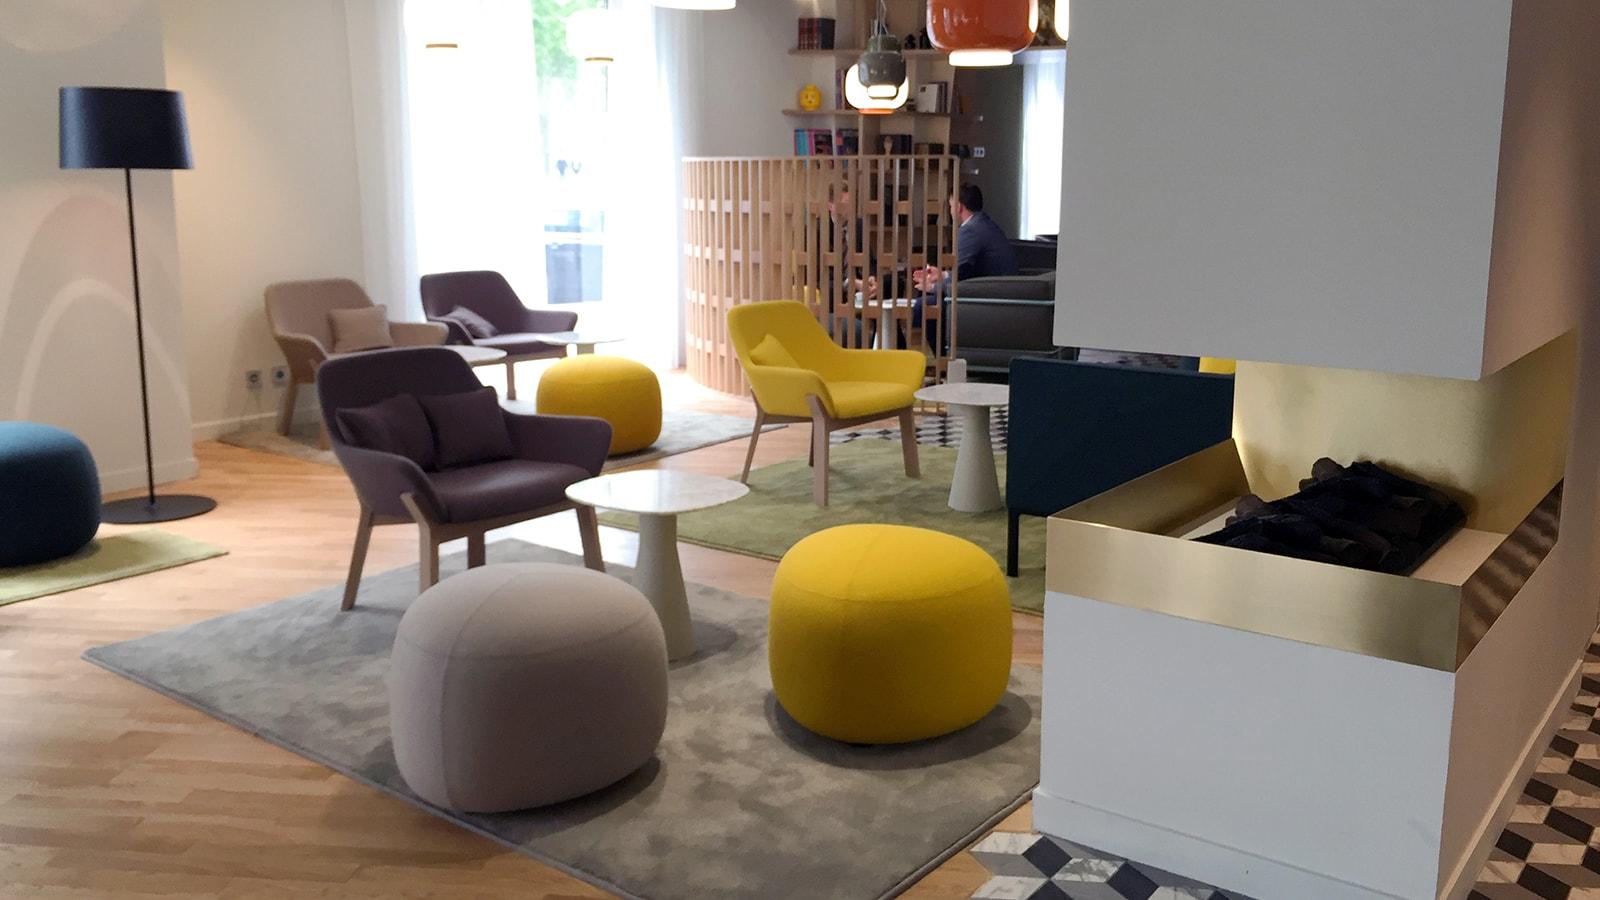 EFI Design Hotel Mercure Nantes Efi Design (10) 1207